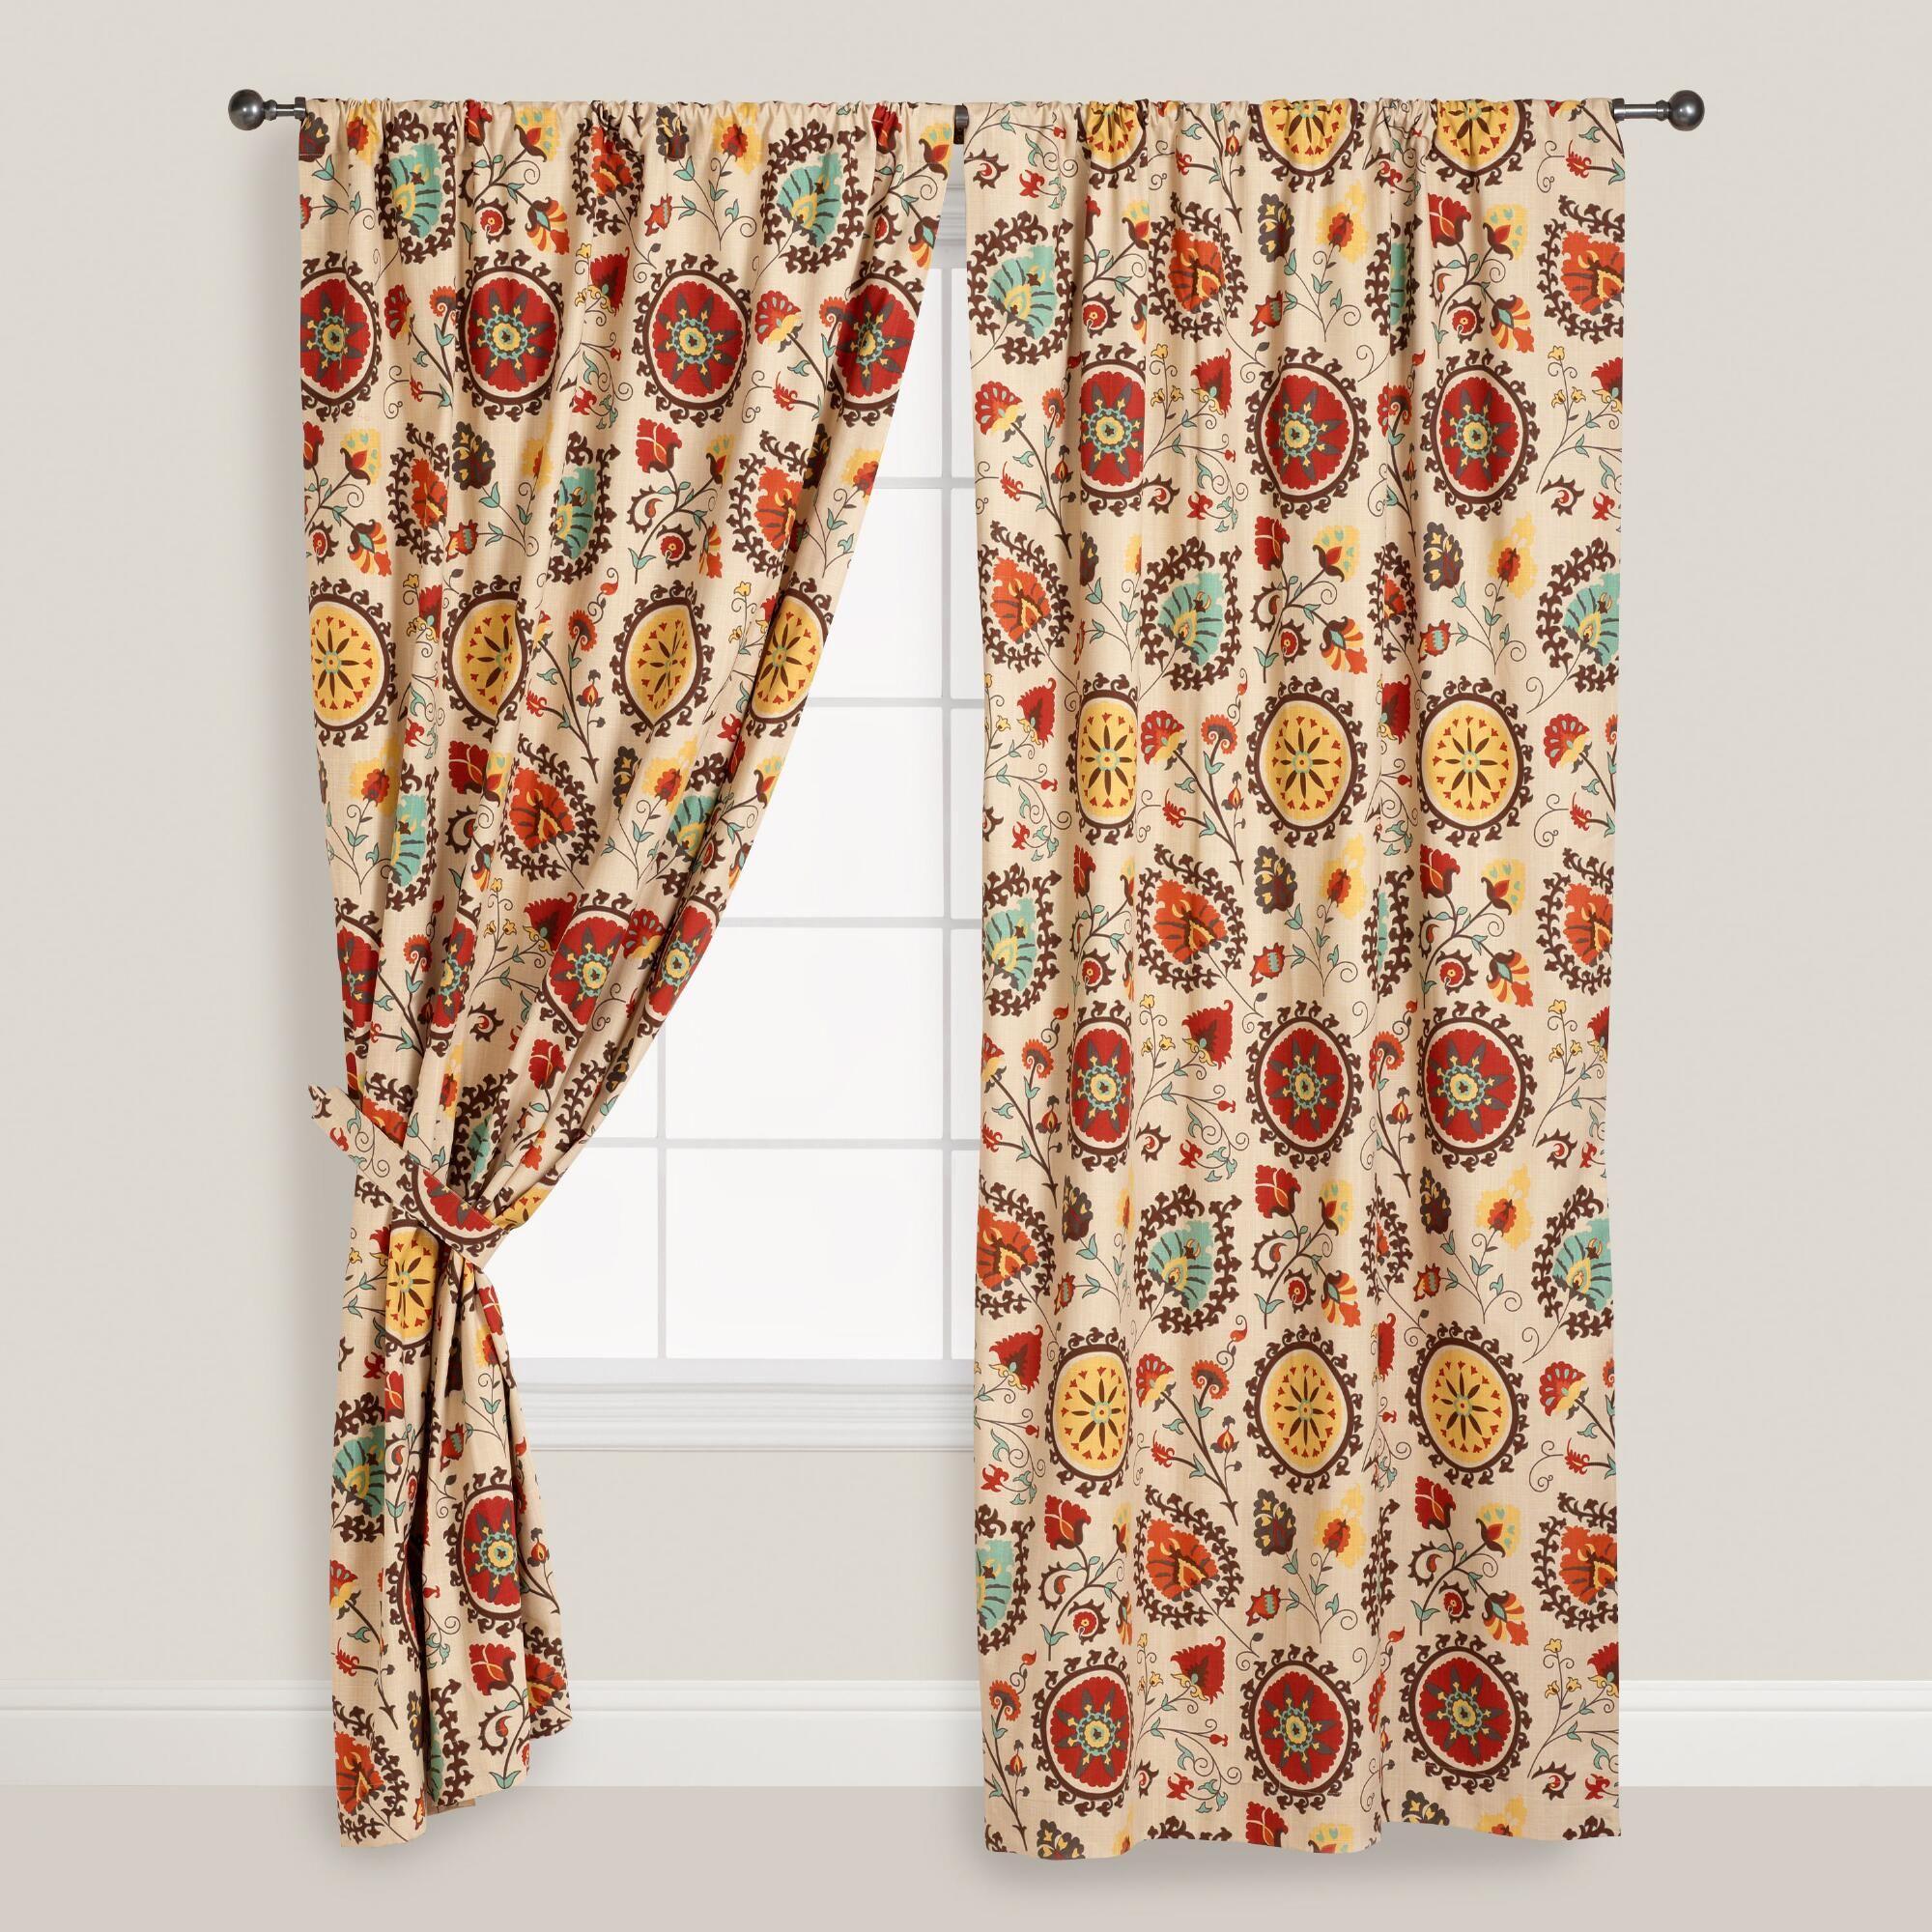 Gold And Red Suzani Cotton Curtains Set Of 2 Bunte Vorhange Vorhange Gardinen Nahen